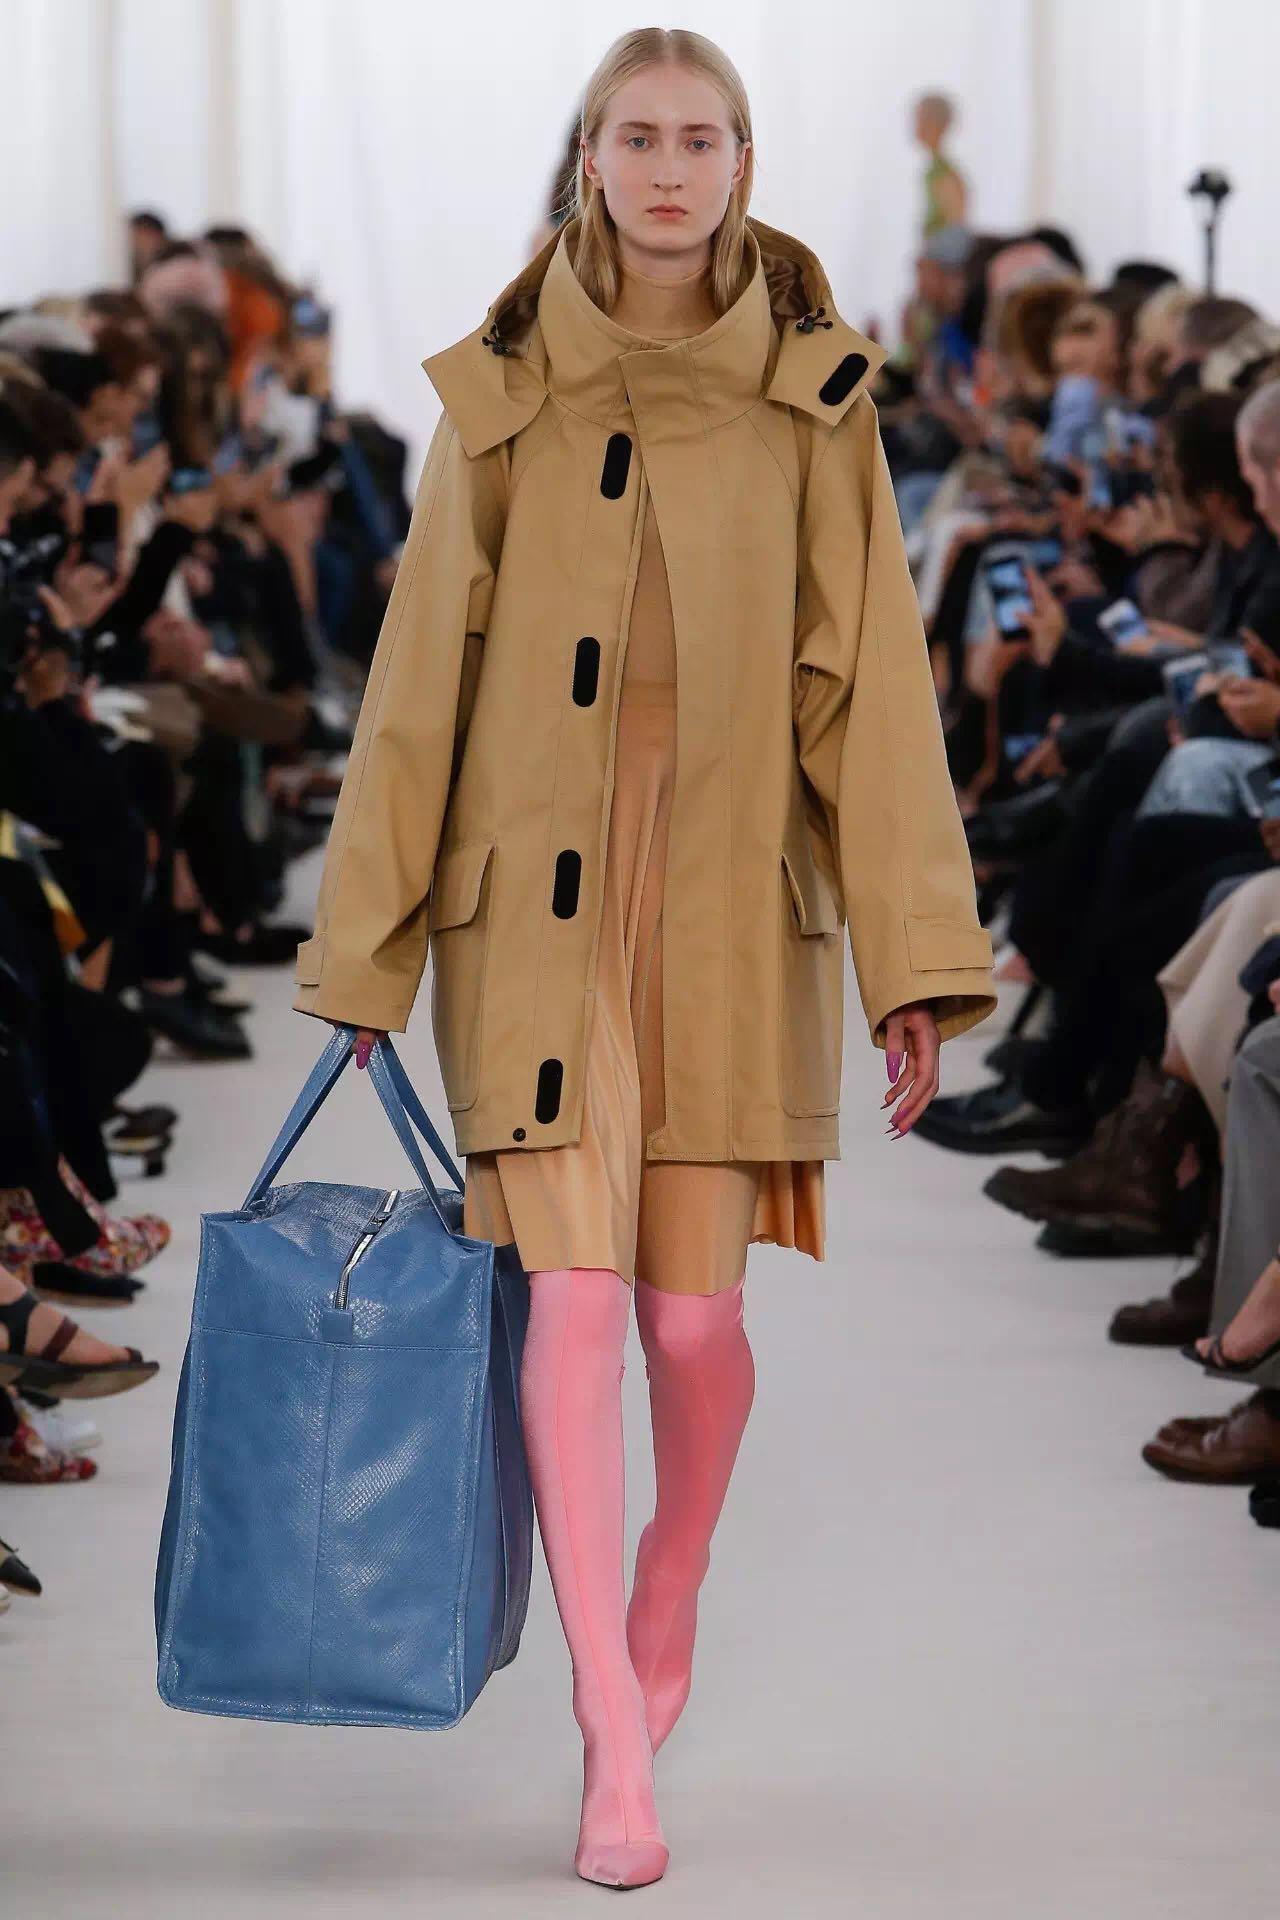 巴黎时装周上的新潮流是这些!为时尚先锋指点一二(图6)